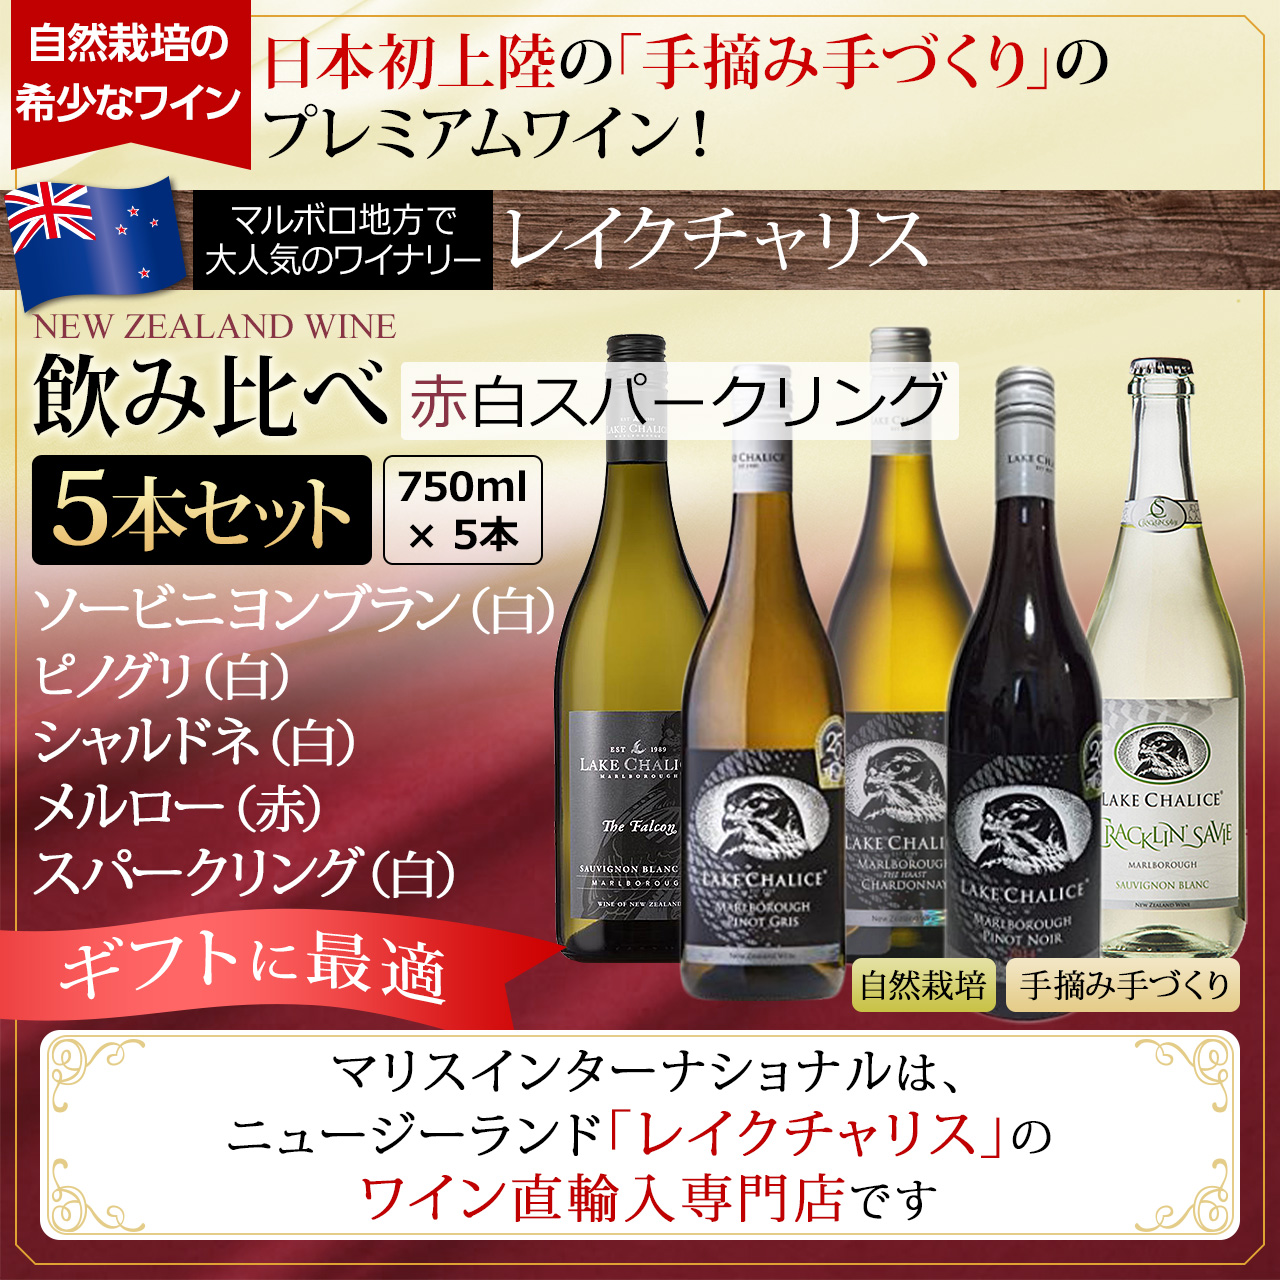 【送料無料】【 赤白スパークリング 飲み比べ  ニュージーランド産】5本セット 各750ml